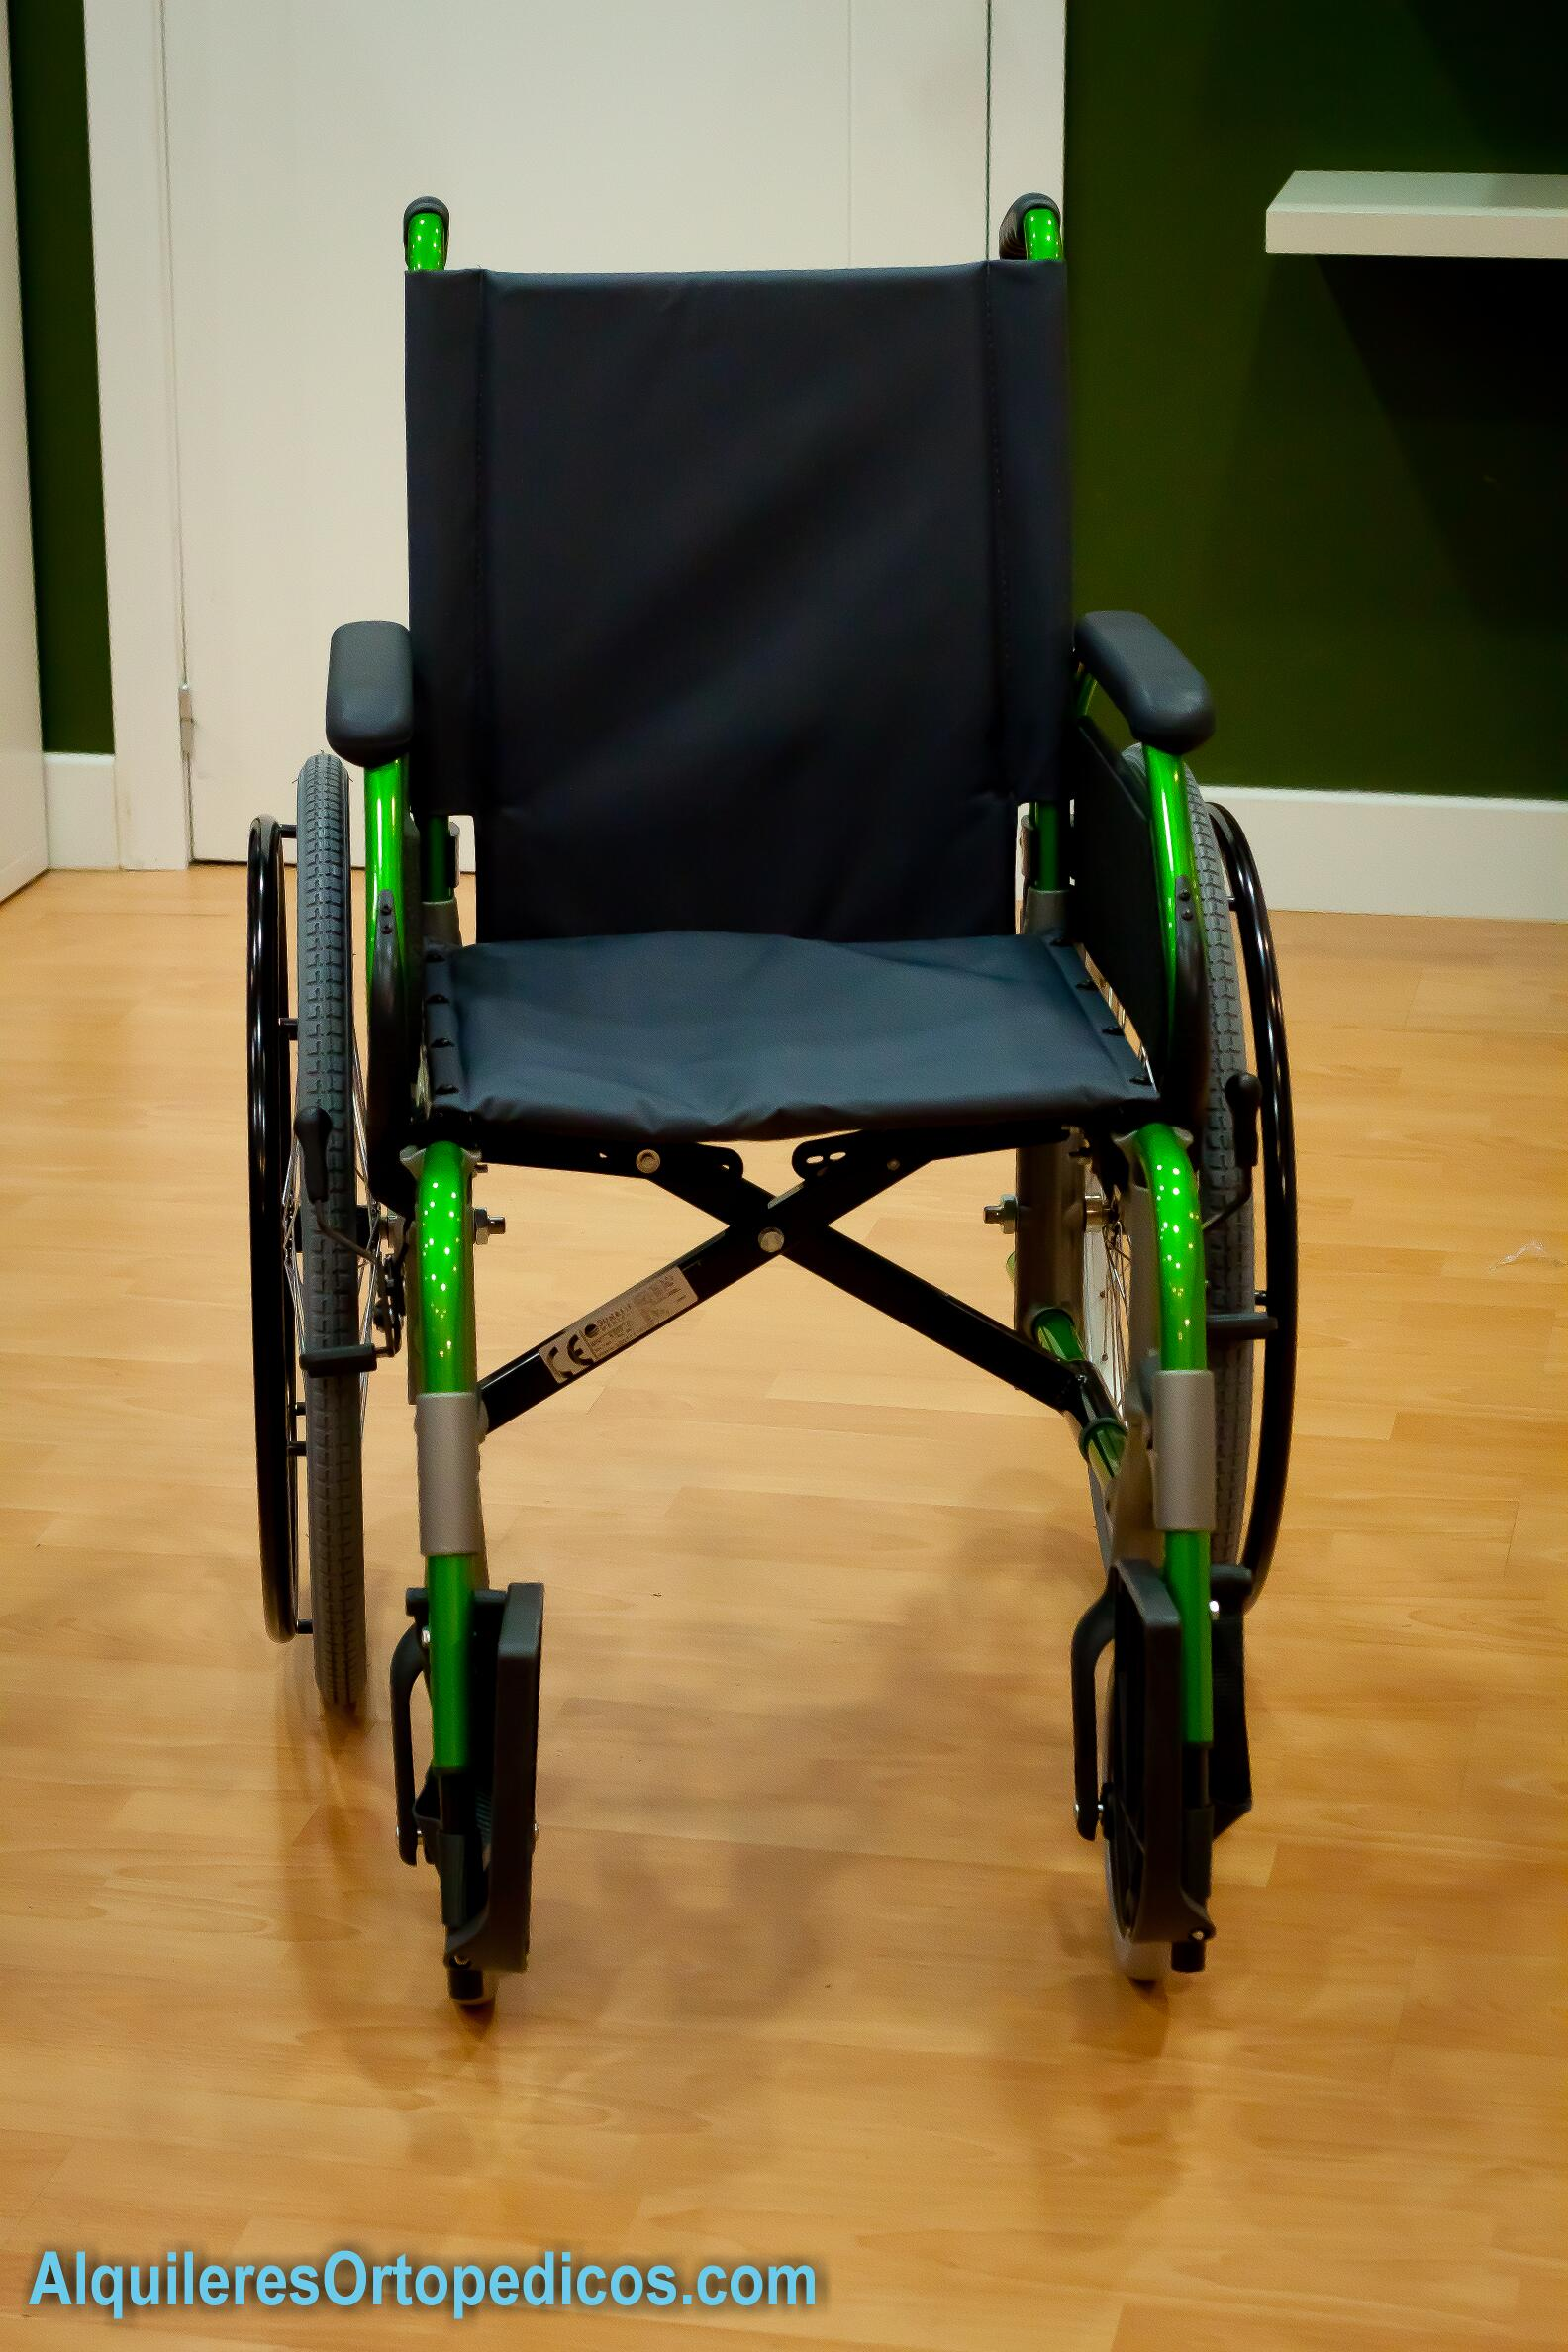 Silla de ruedas rueda grande alquileres ortop dicos - Ruedas de sillas ...